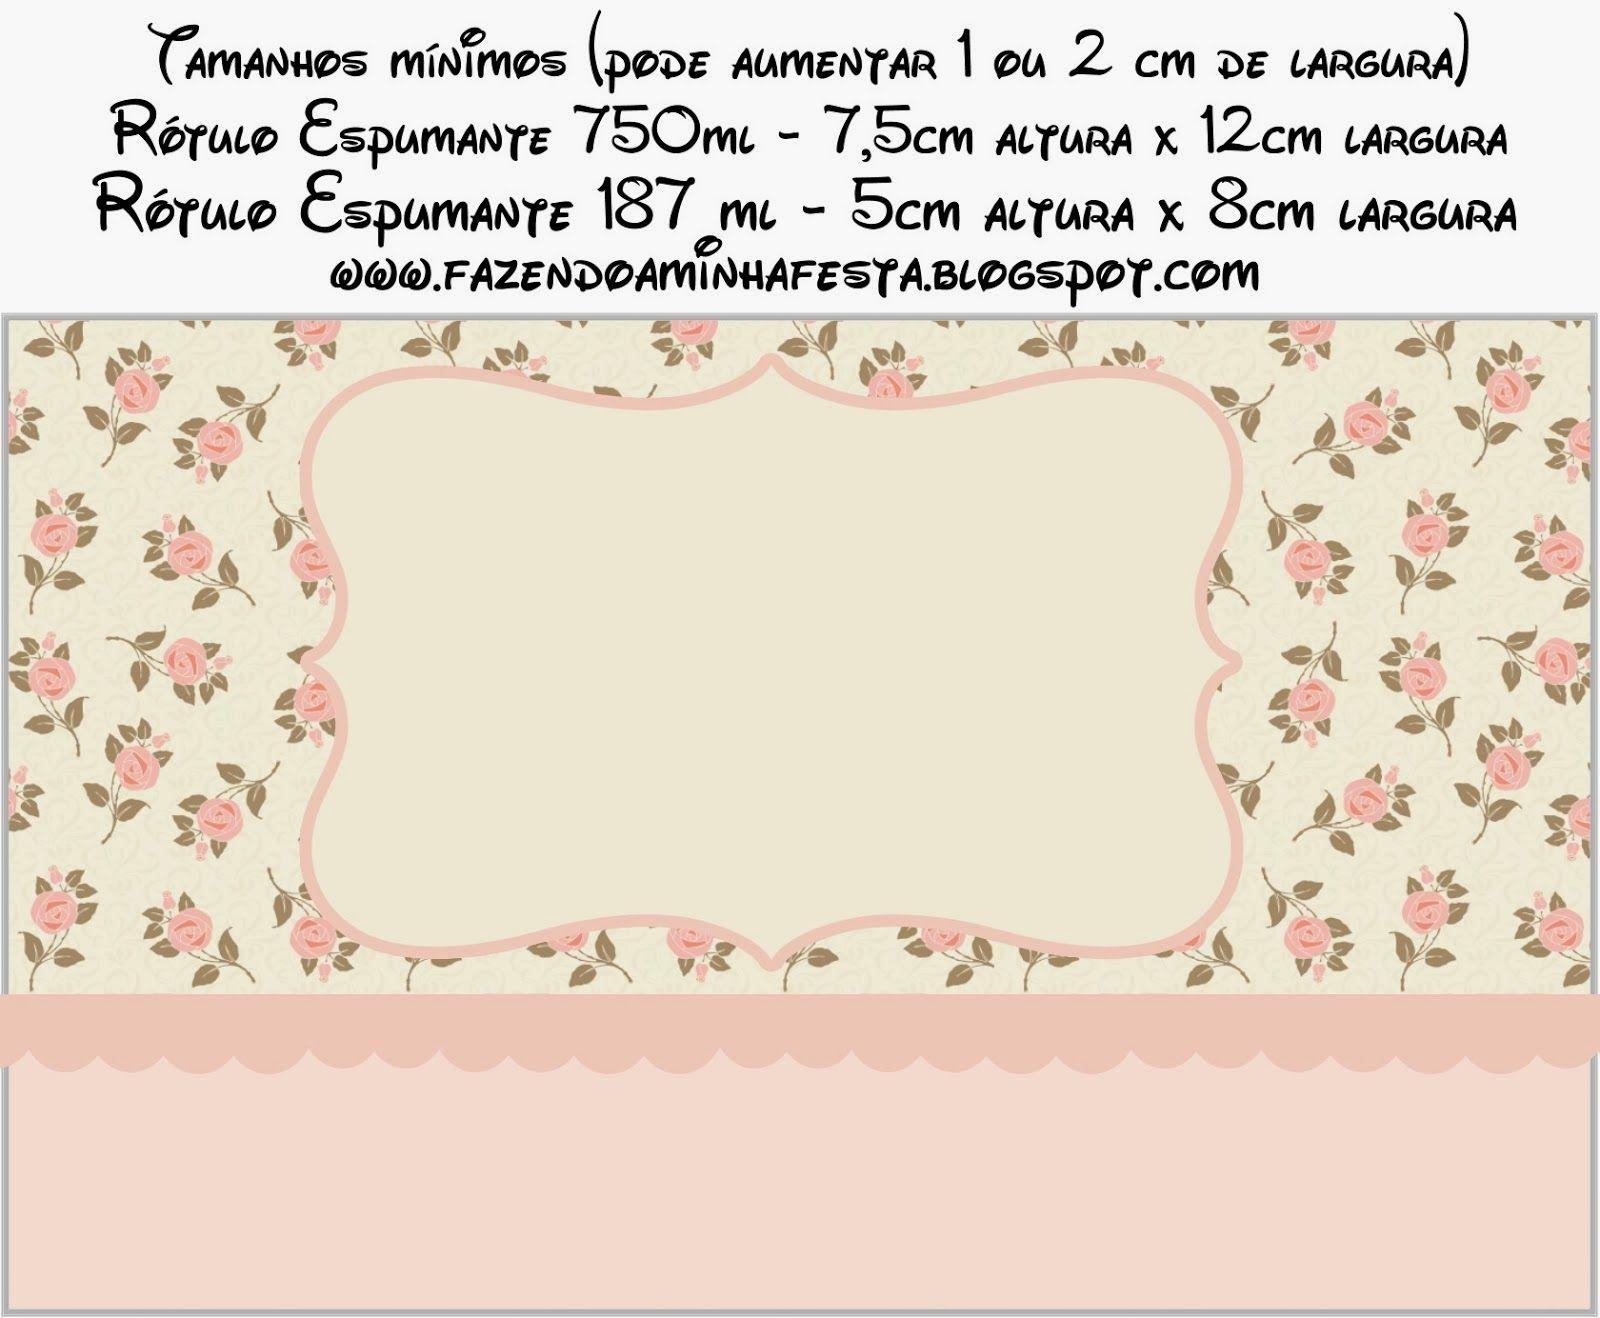 Delicadas Rosas Etiquetas para Imprimir Gratis